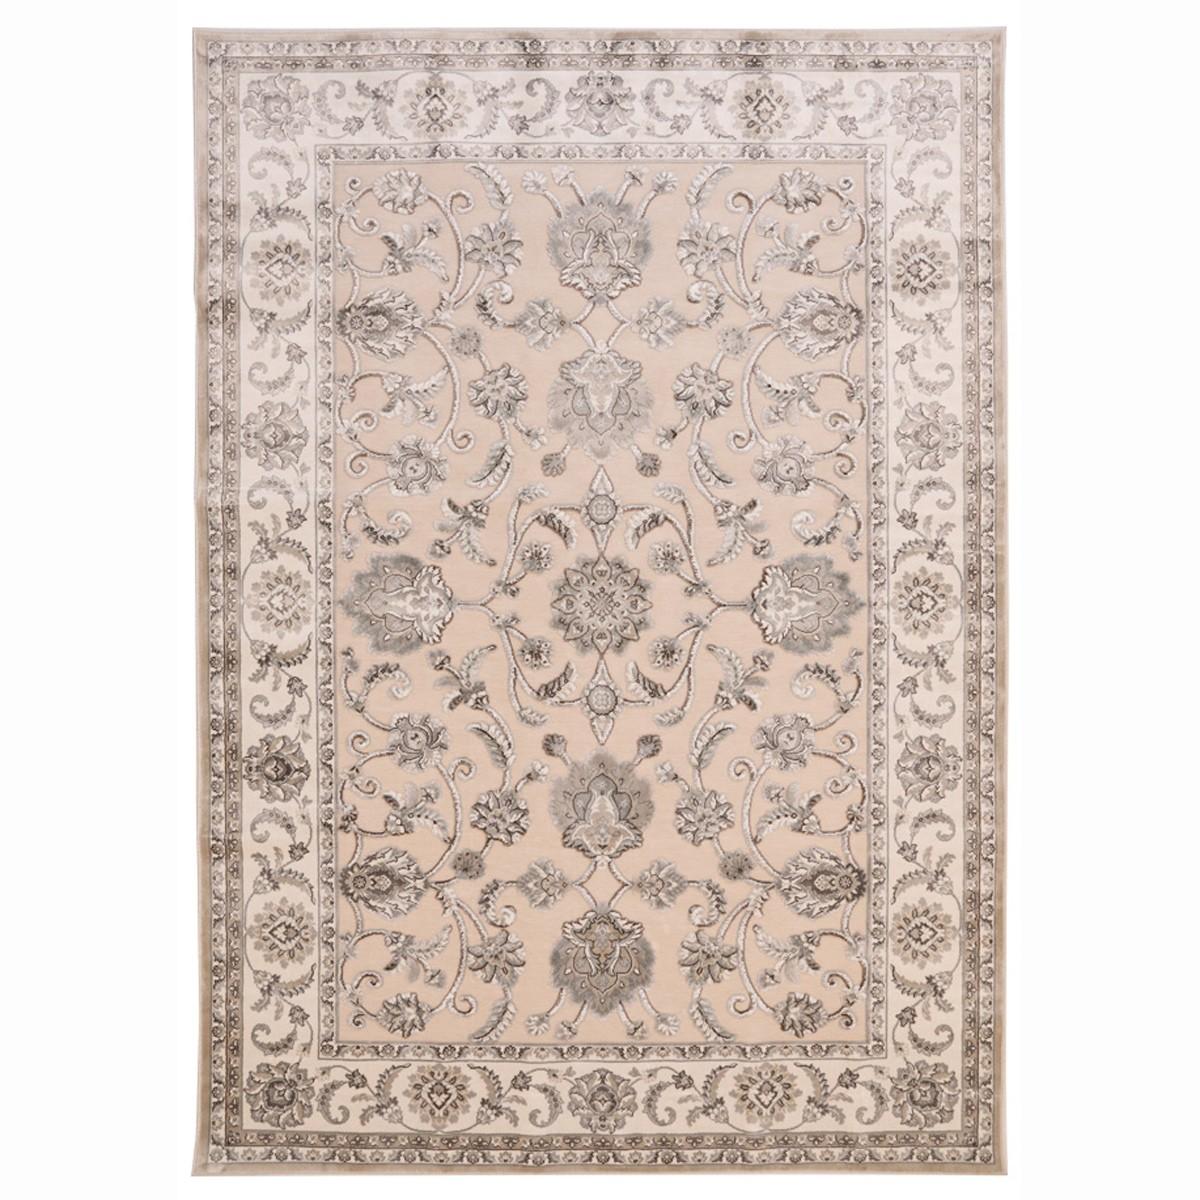 Καλοκαιρινό Χαλί (160x230) Royal Carpets Tiffany Ice 938 Ice Bei